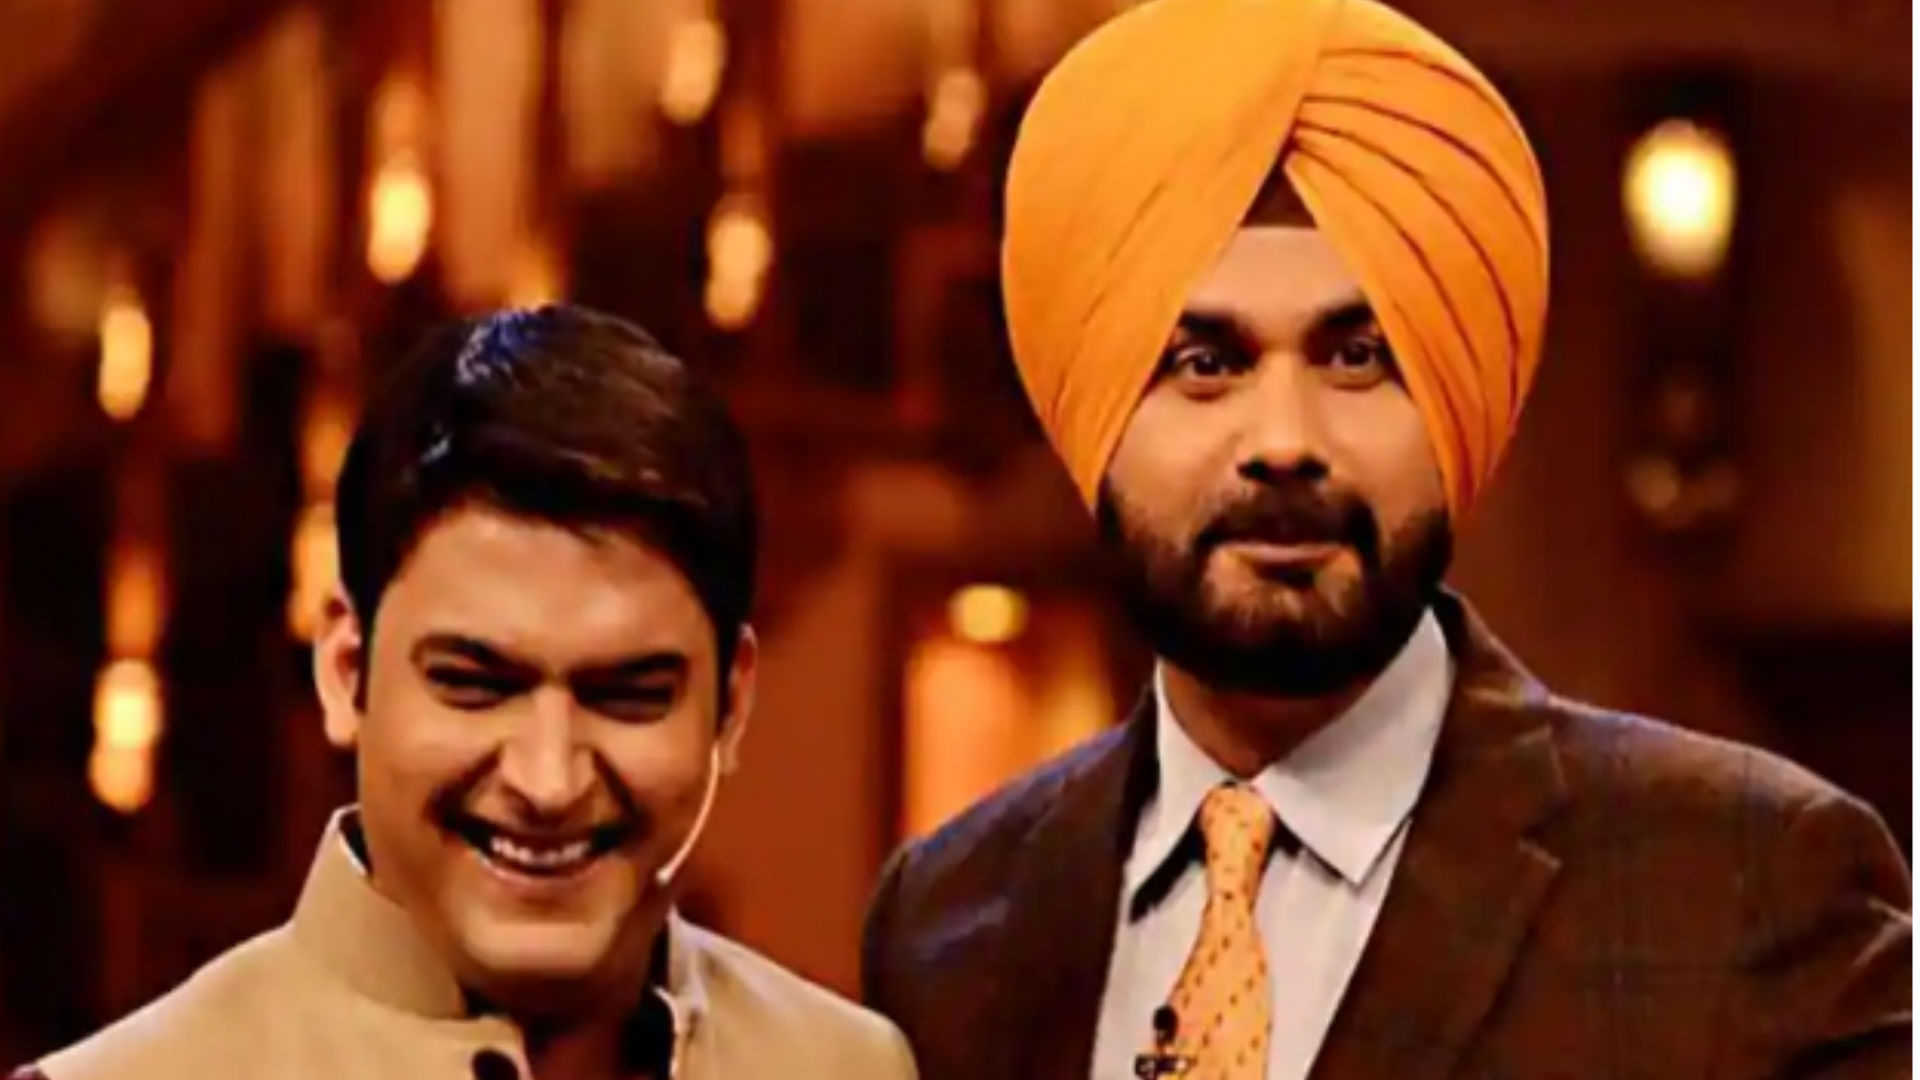 शो में कपिल शर्मा-कीकू शारदा ने किया नवजोत सिंह सिद्धू को कुछ इस अंदाज में याद, कपिल देव की नहीं रुक पाई हंसी